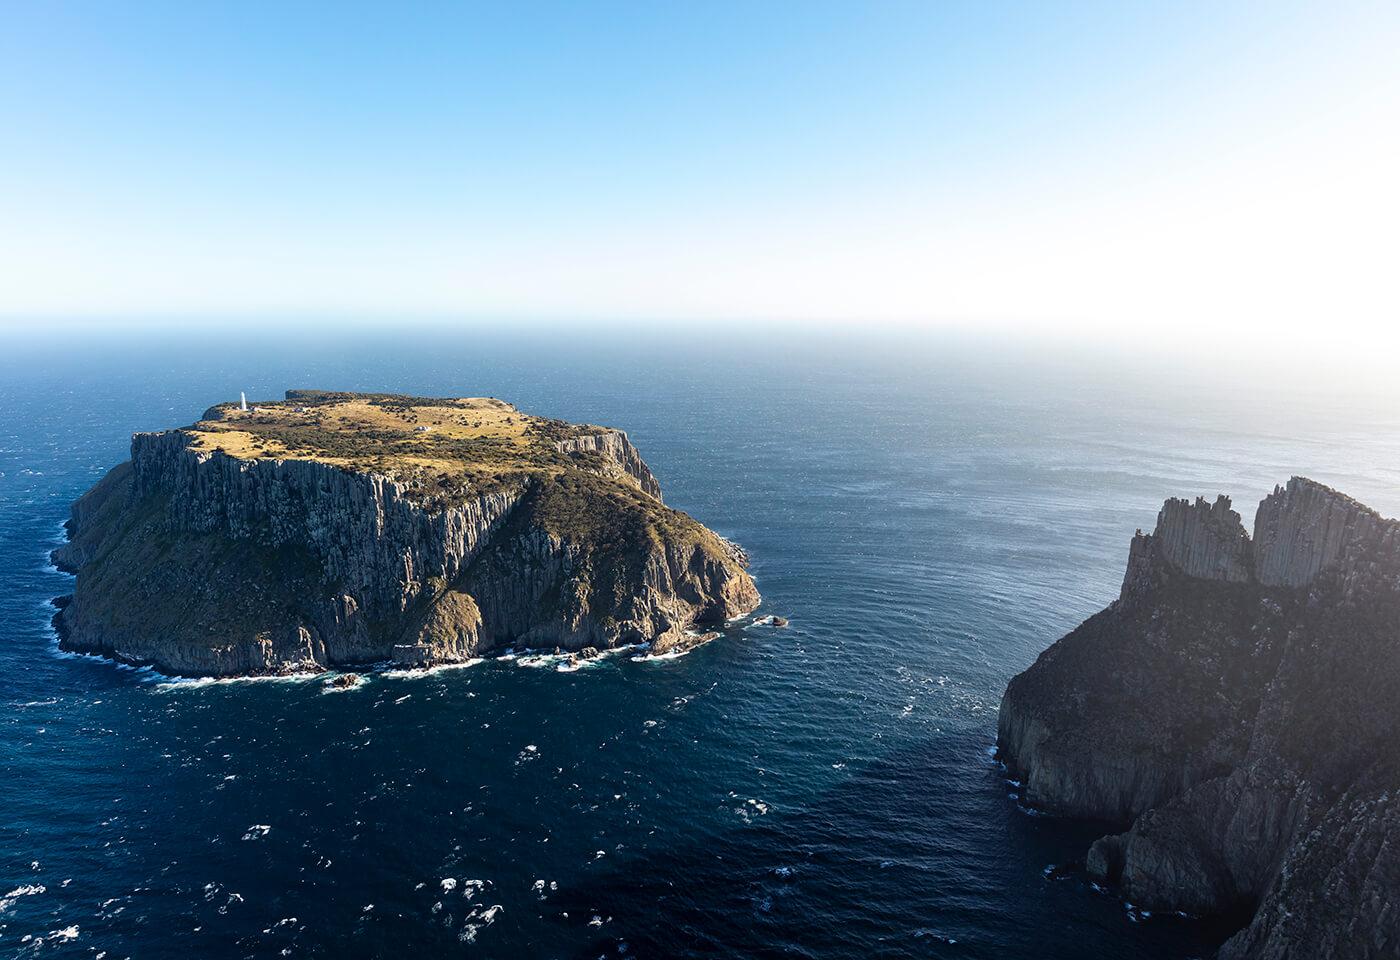 Aerial image of Tasman Sea